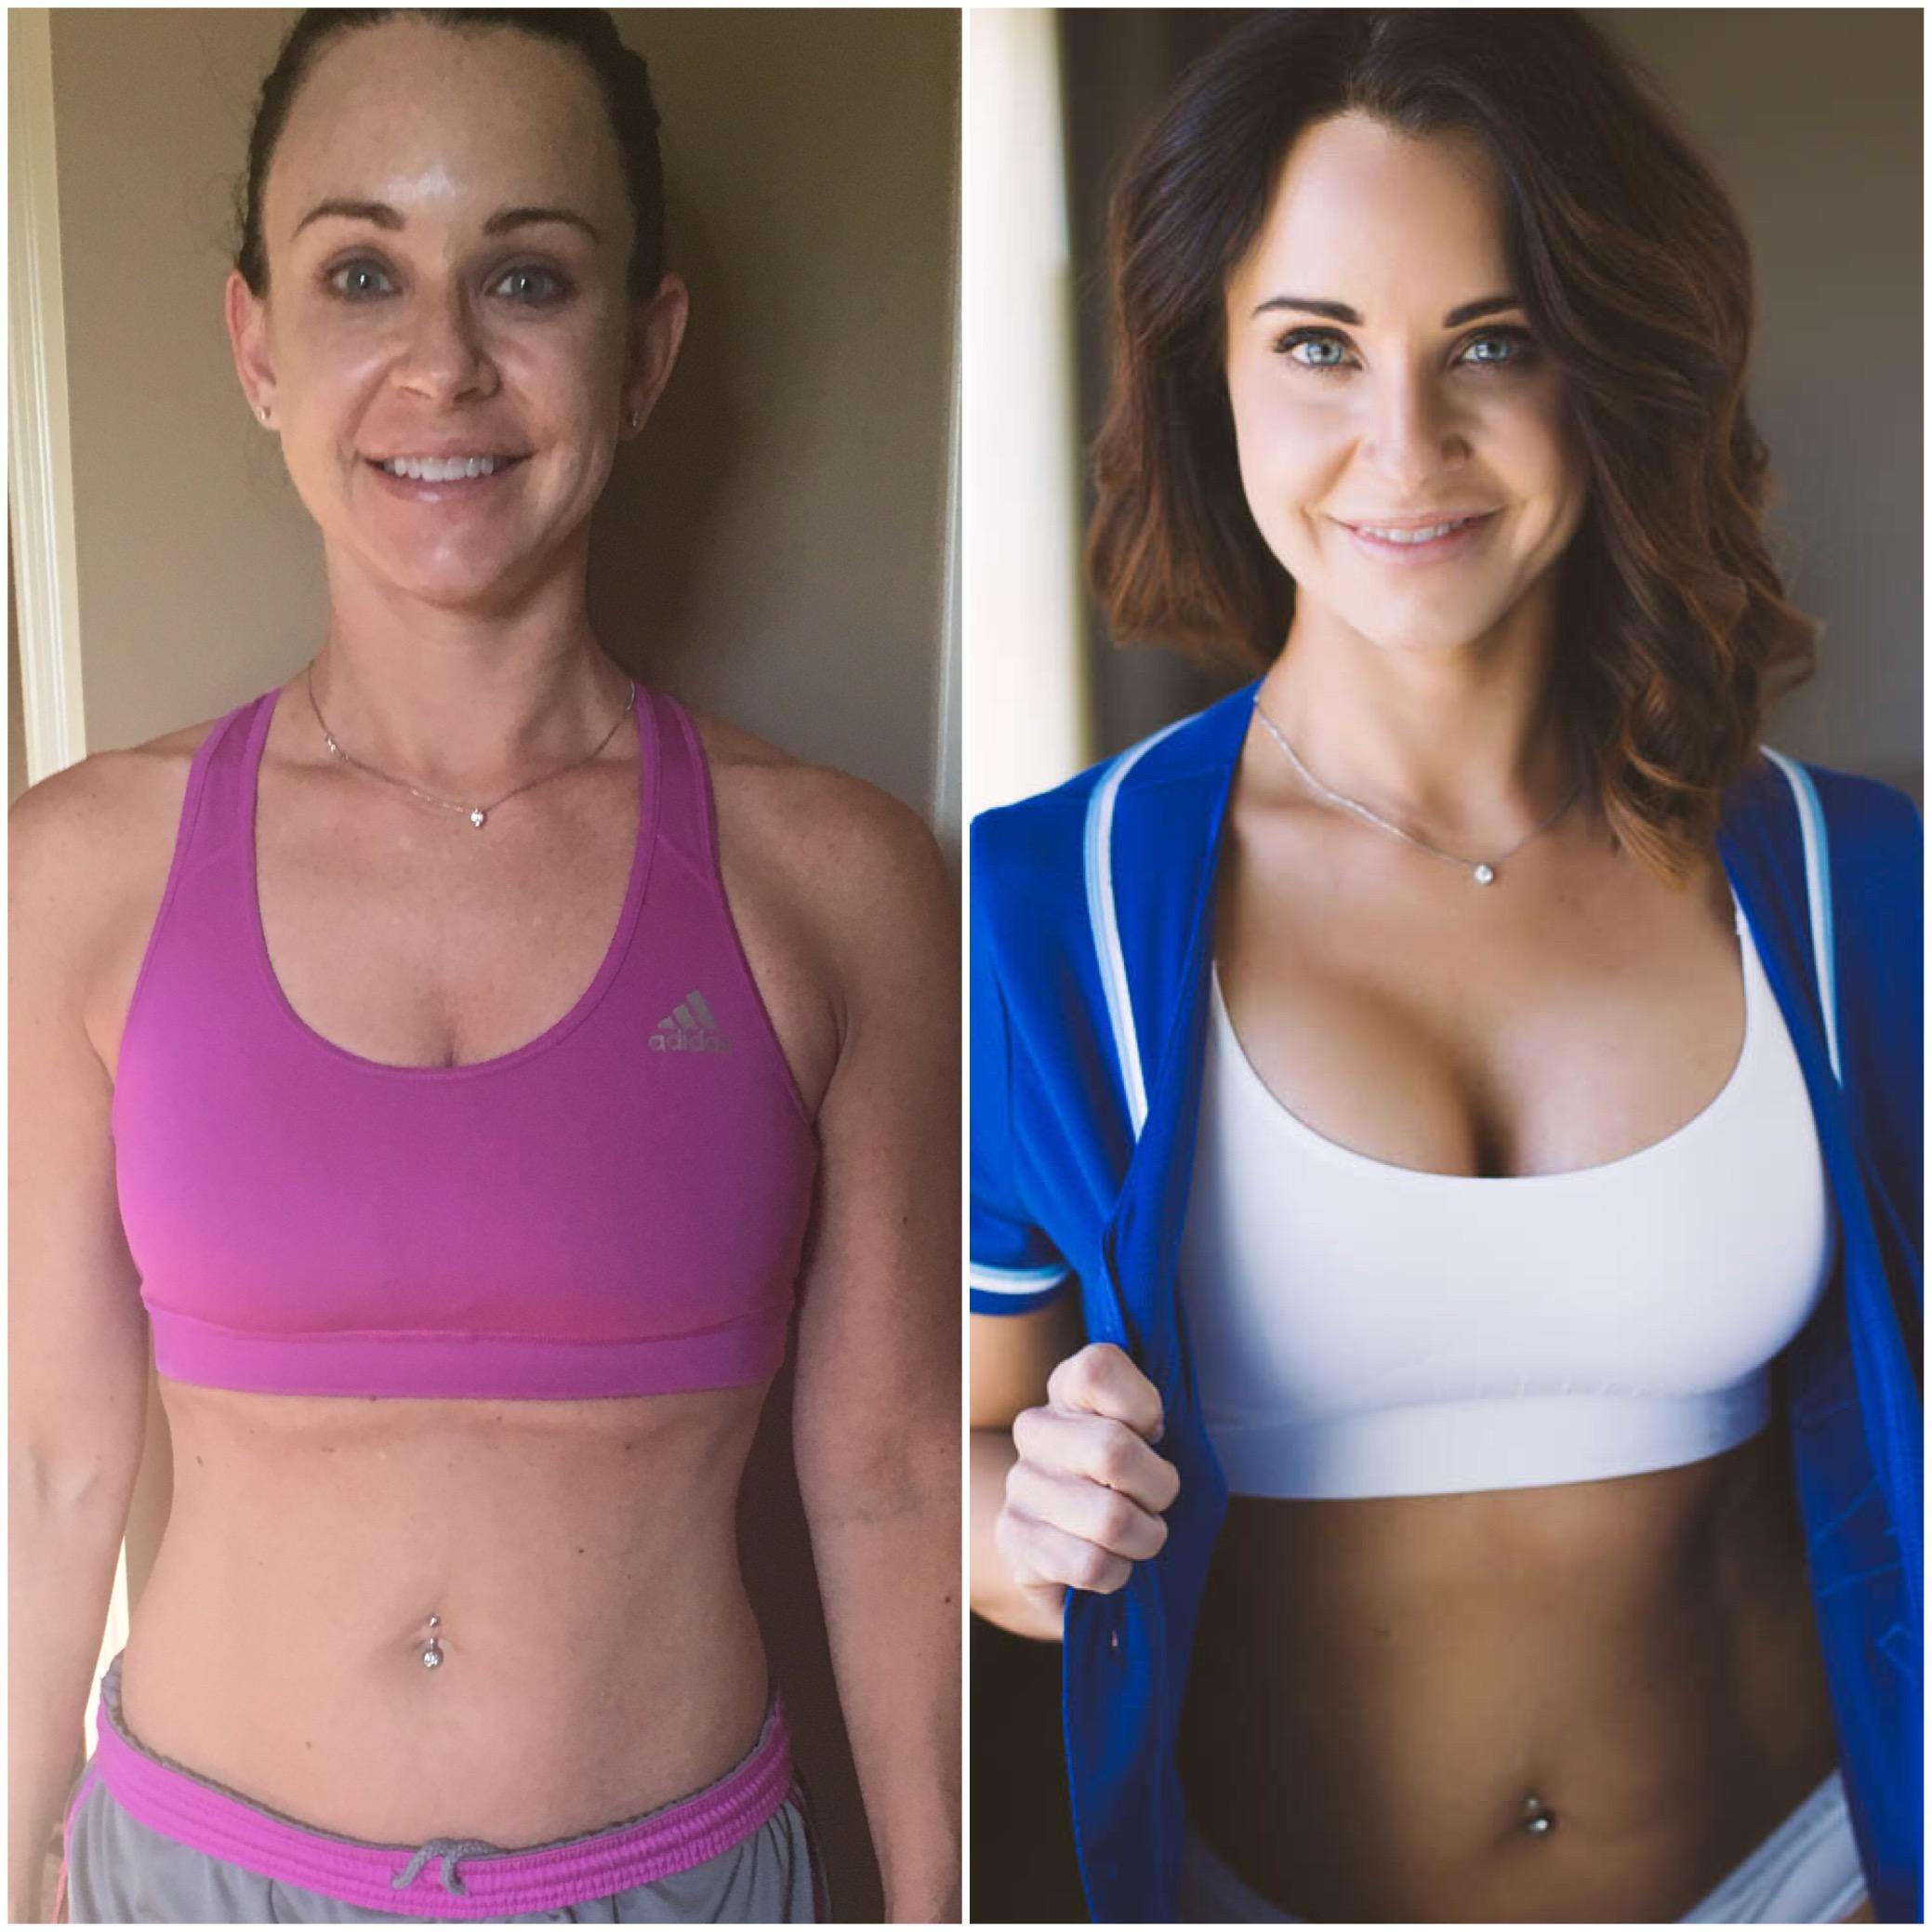 d0a7b1b2cc502 4 months Post Breast Surgery Kansas City - 4 months Post Breast ...